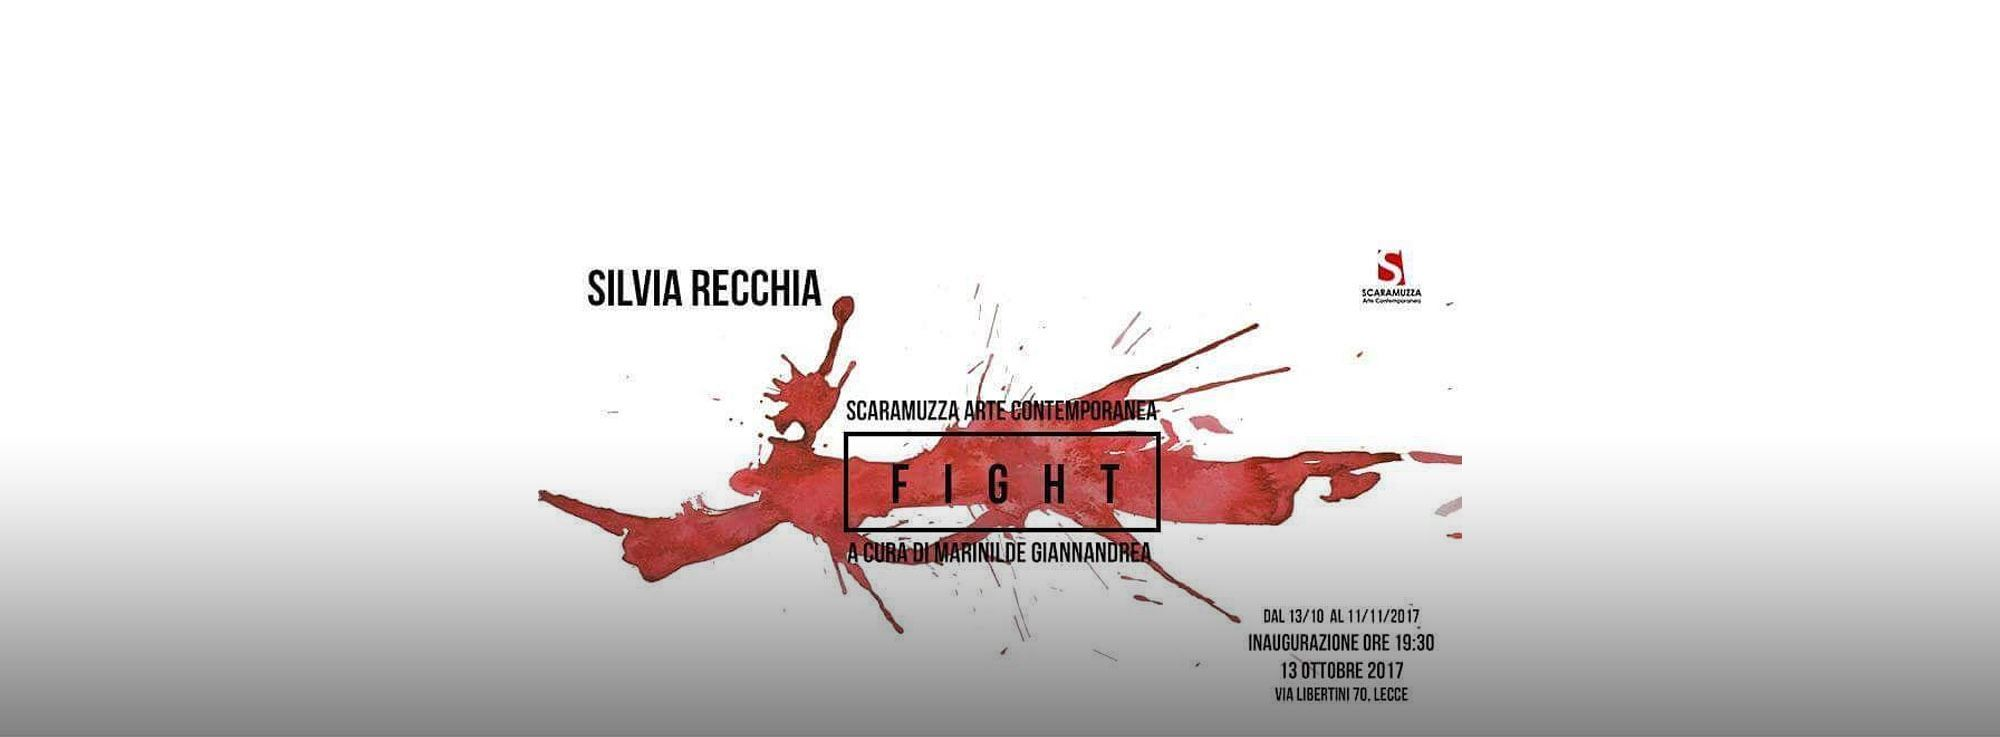 Lecce: Fight